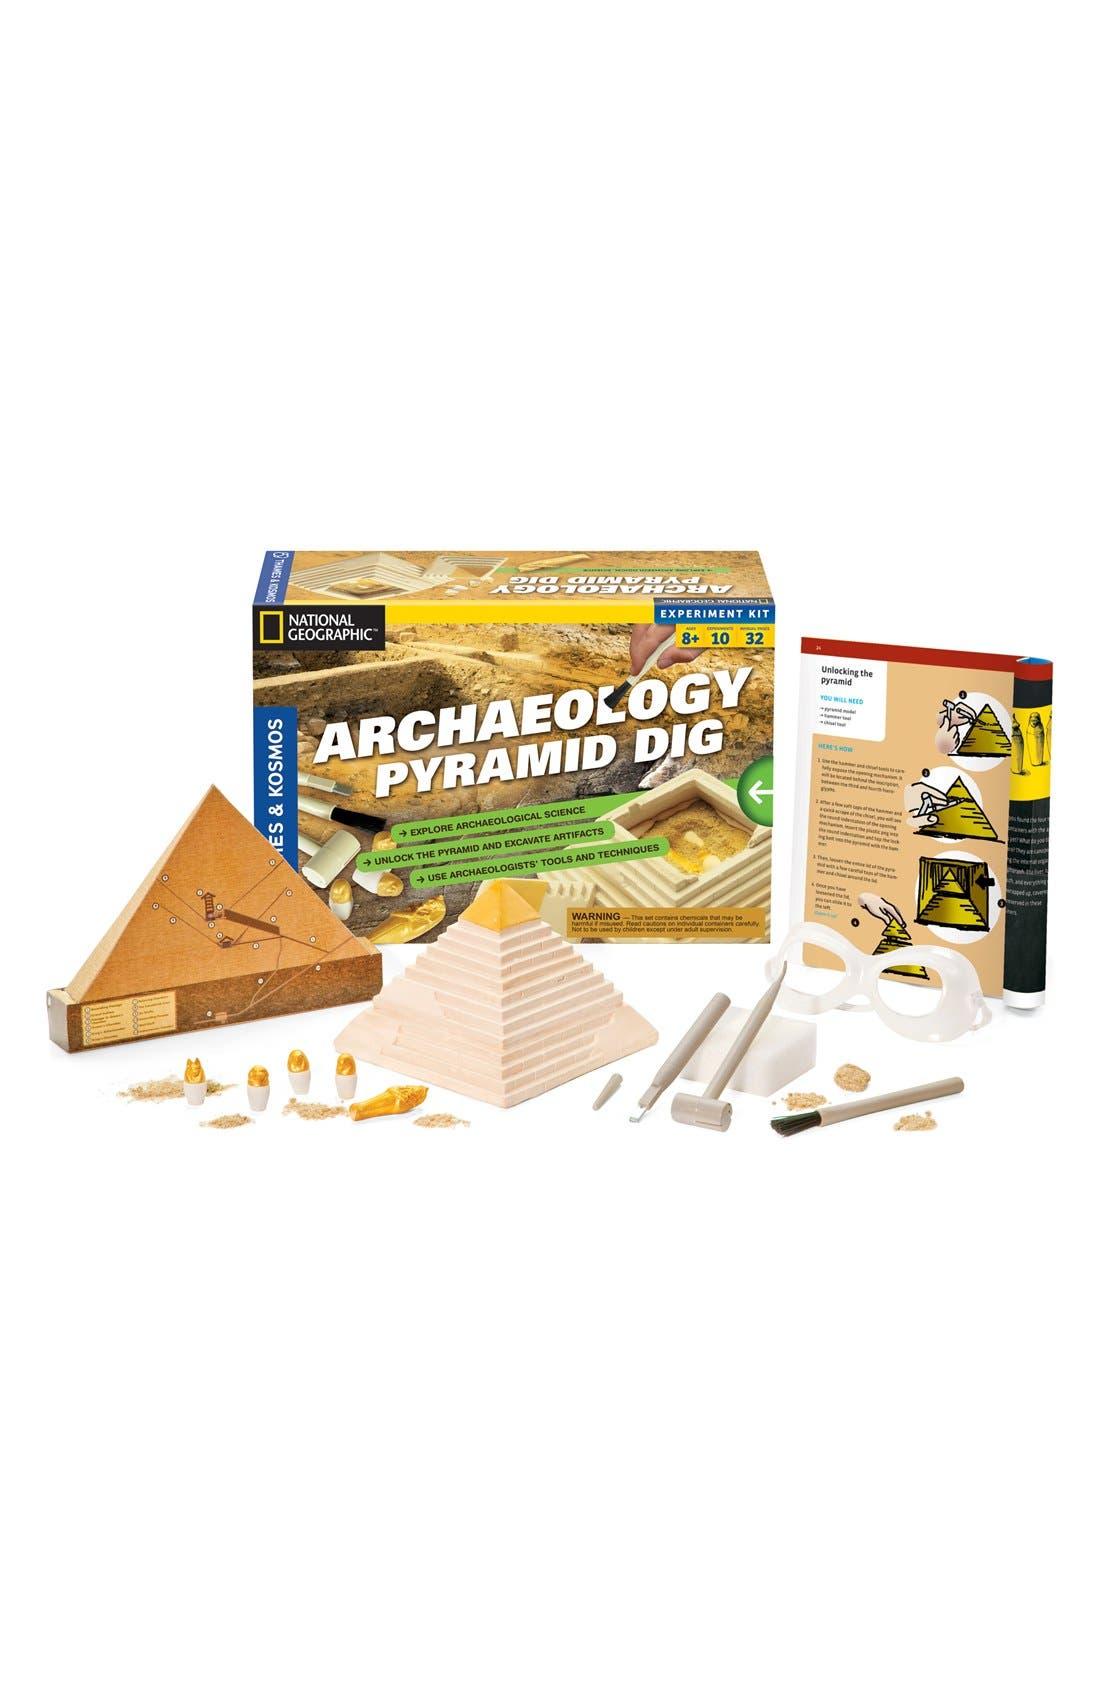 'Archaeology: Pyramid Dig 2.0' Play Kit,                             Main thumbnail 1, color,                             000